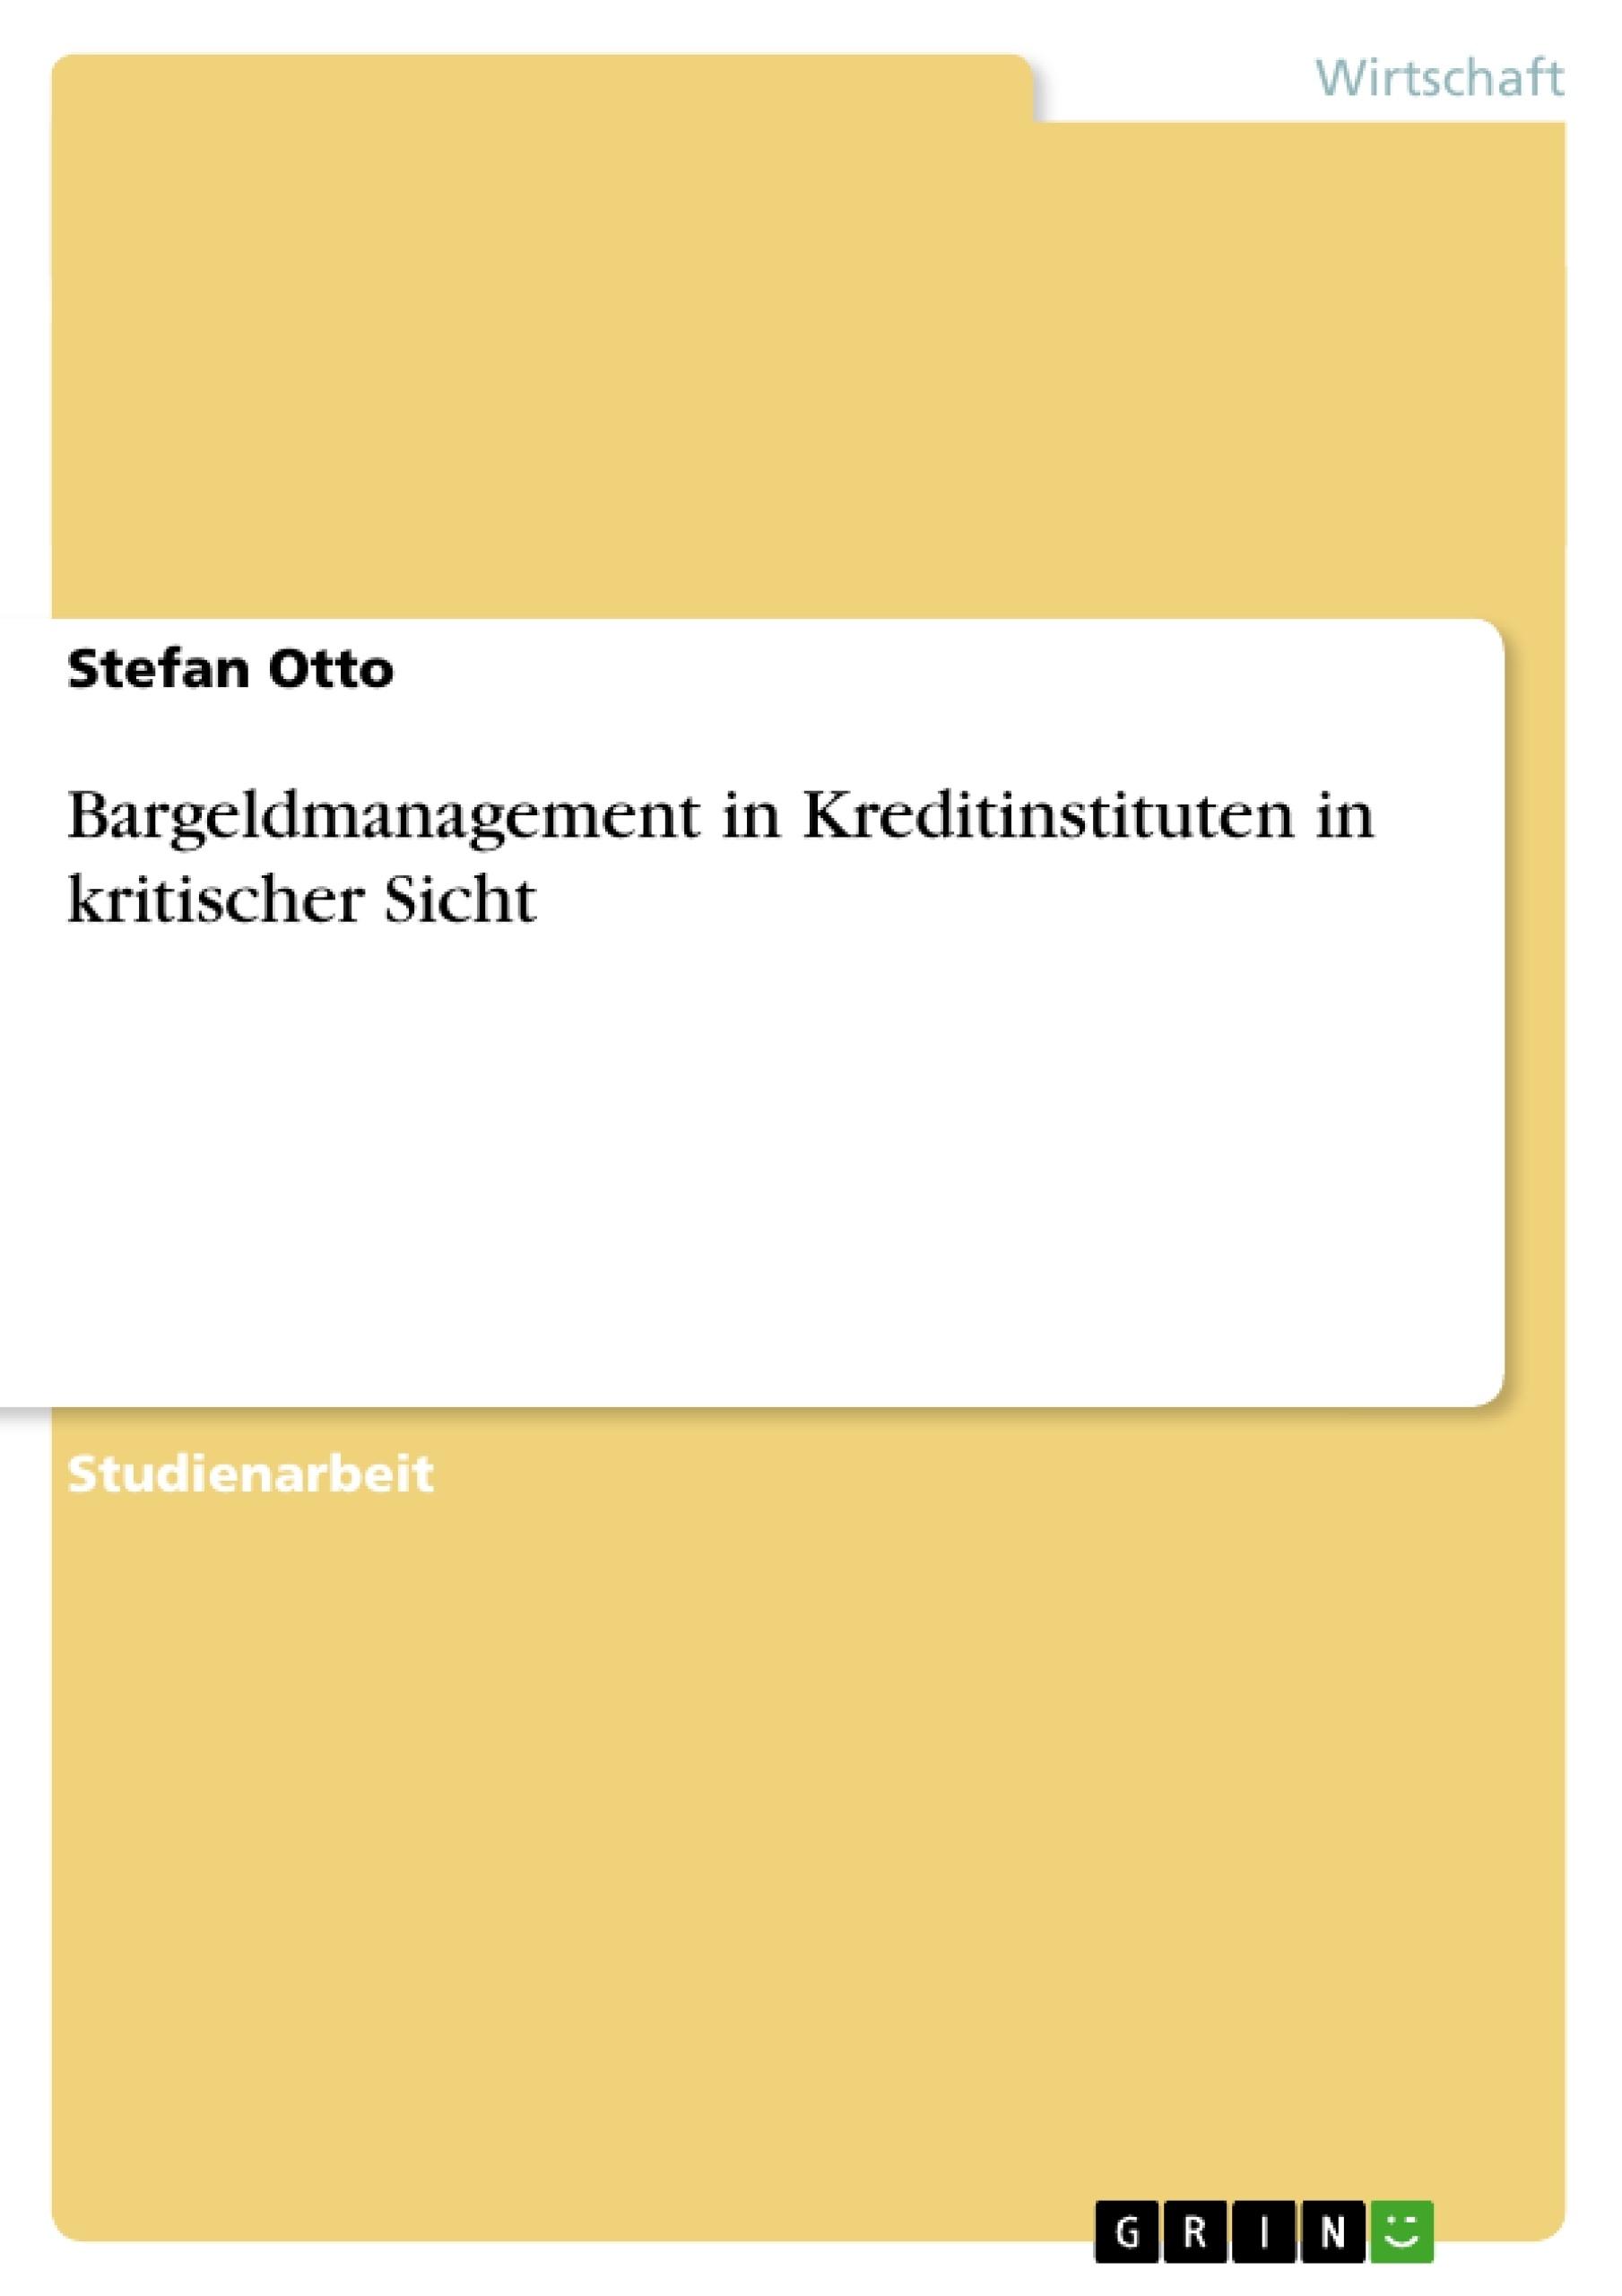 Titel: Bargeldmanagement in Kreditinstituten in kritischer Sicht